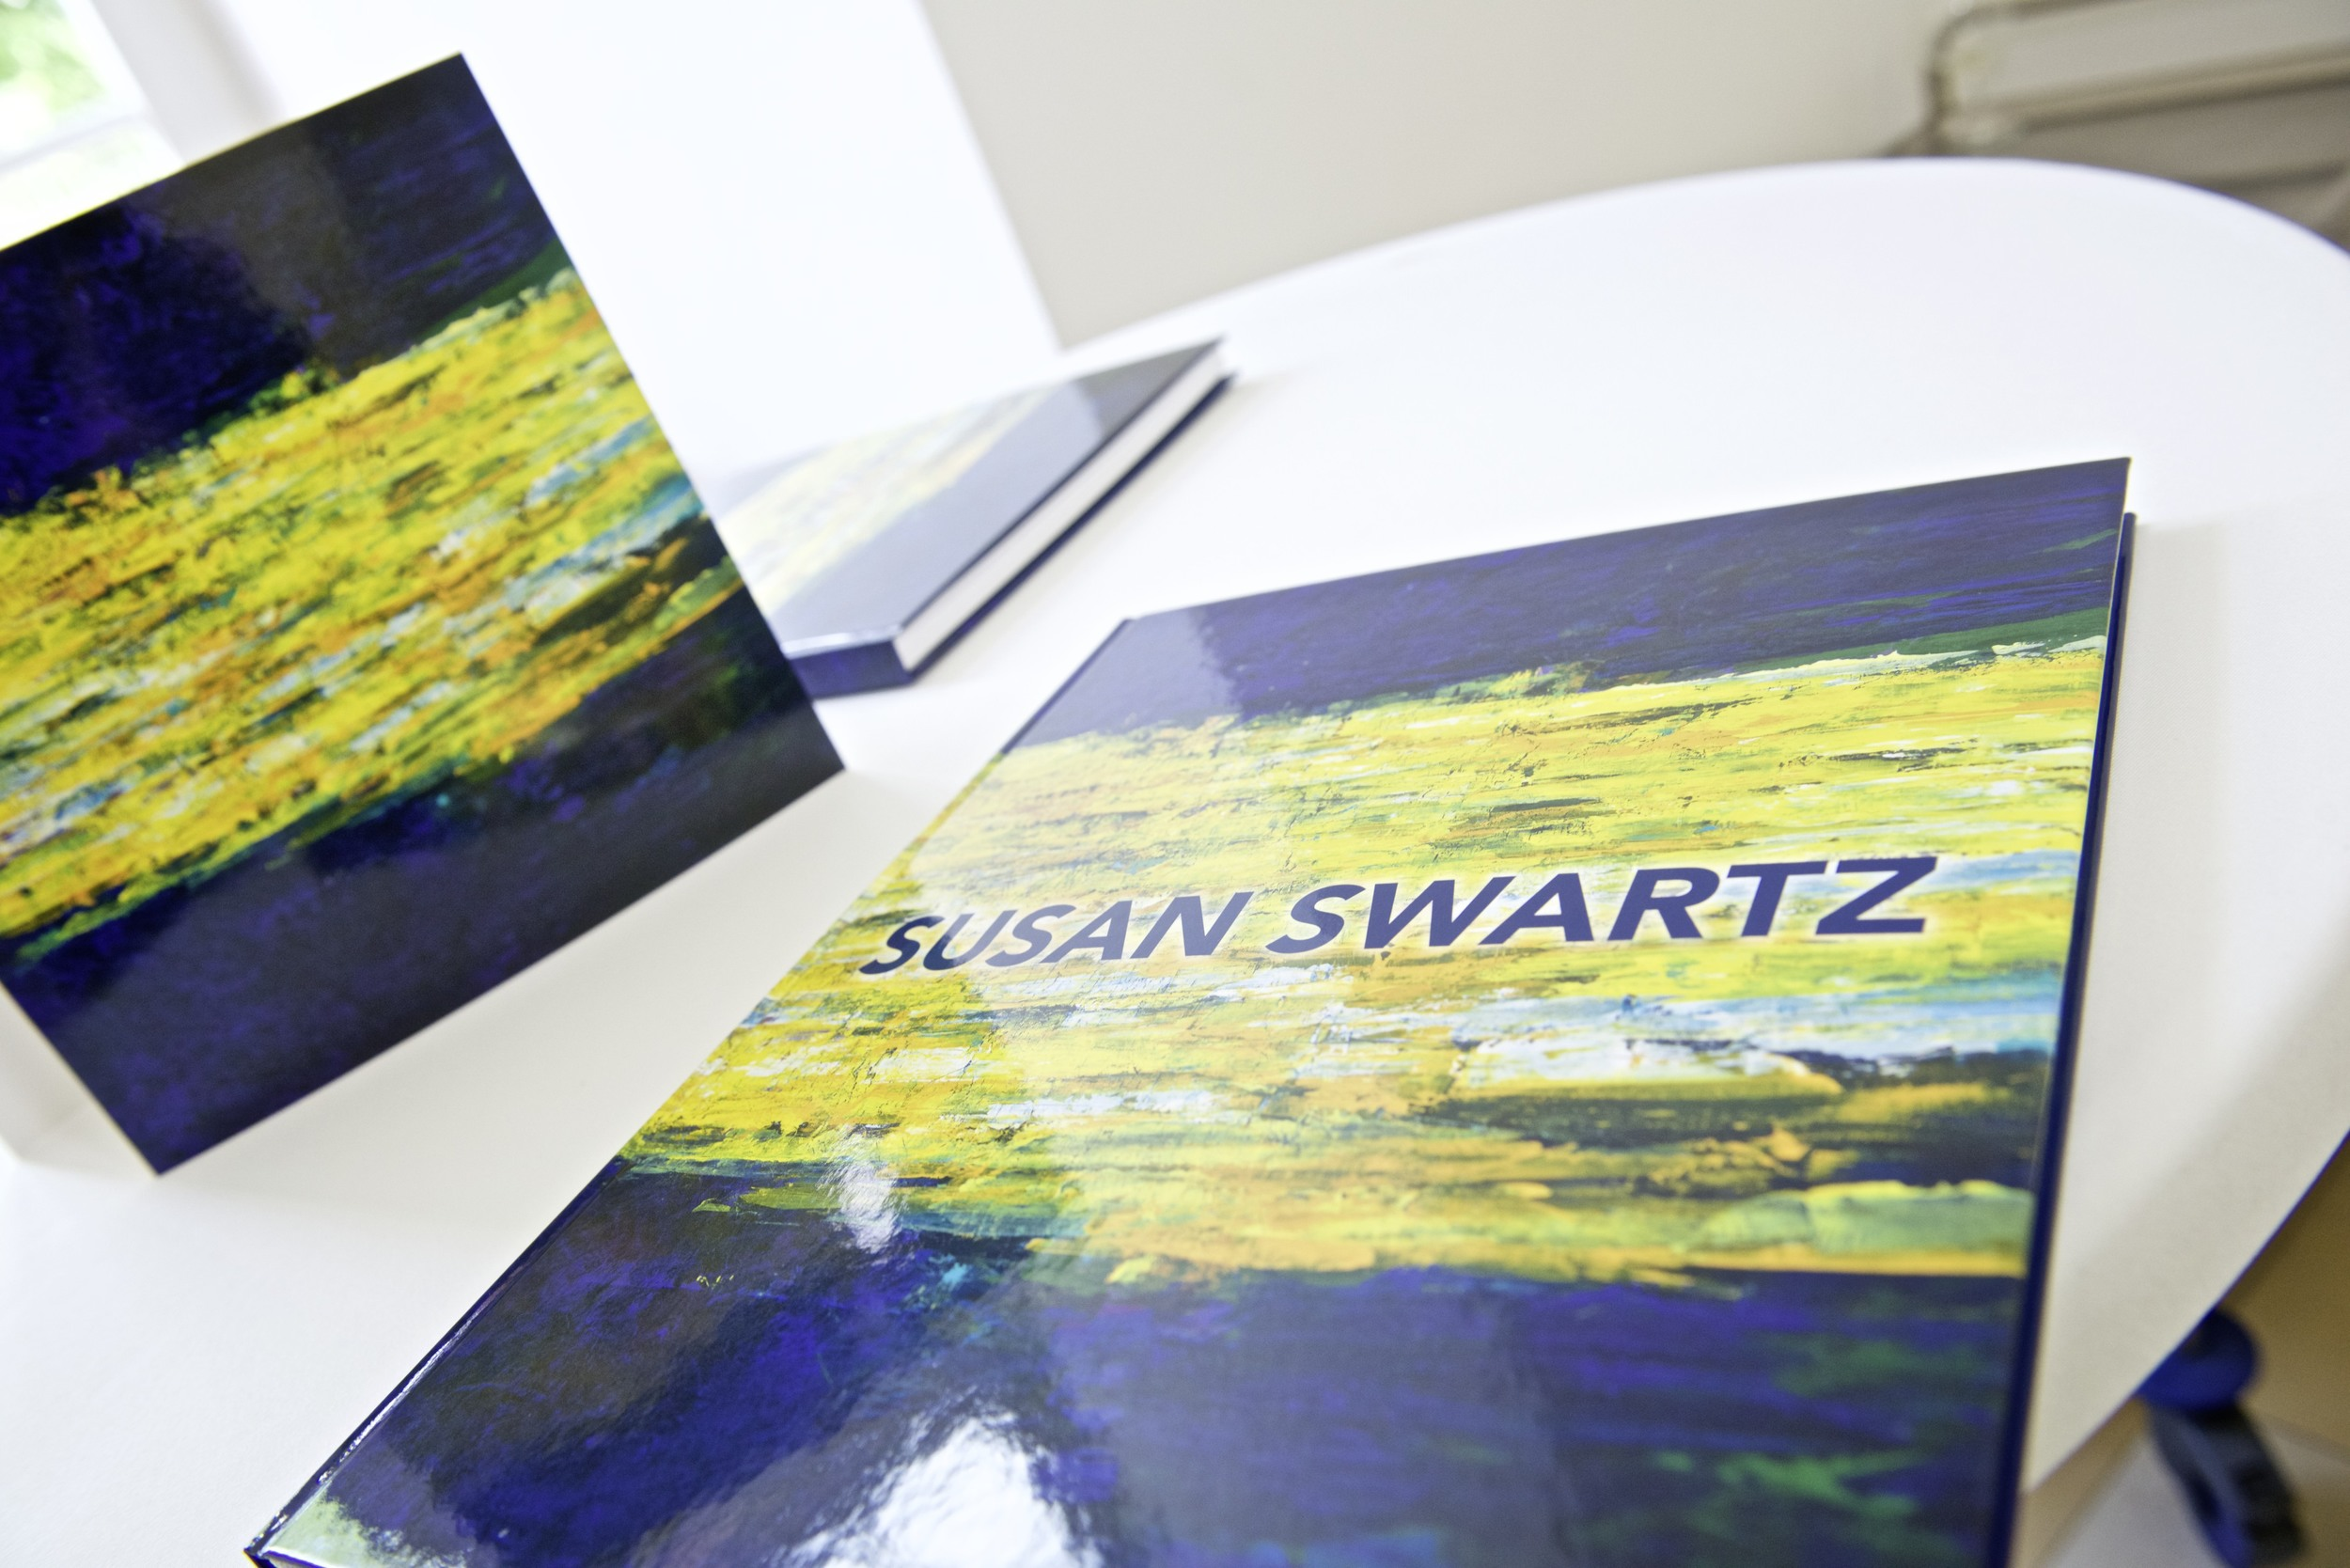 Koblenz 071SusanSwartz_48.JPG